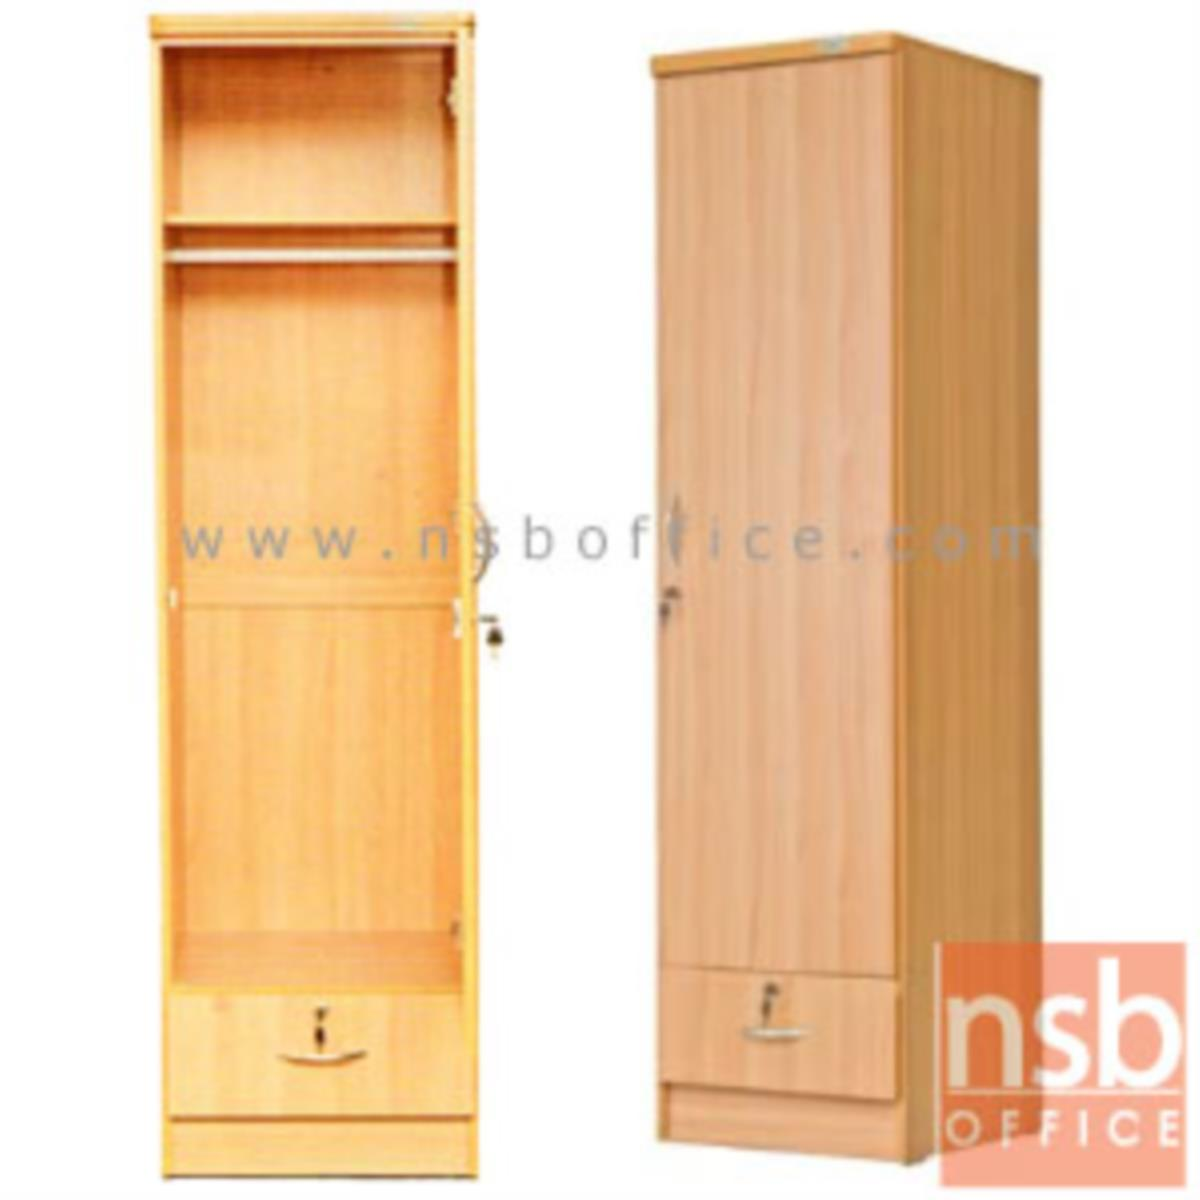 G11A019: ตู้เสื้อผ้า 1 ประตู 1 ลิ้นชัก 50W*53D*190H cm   สีโซลิต สีสัก สีโอ๊ค